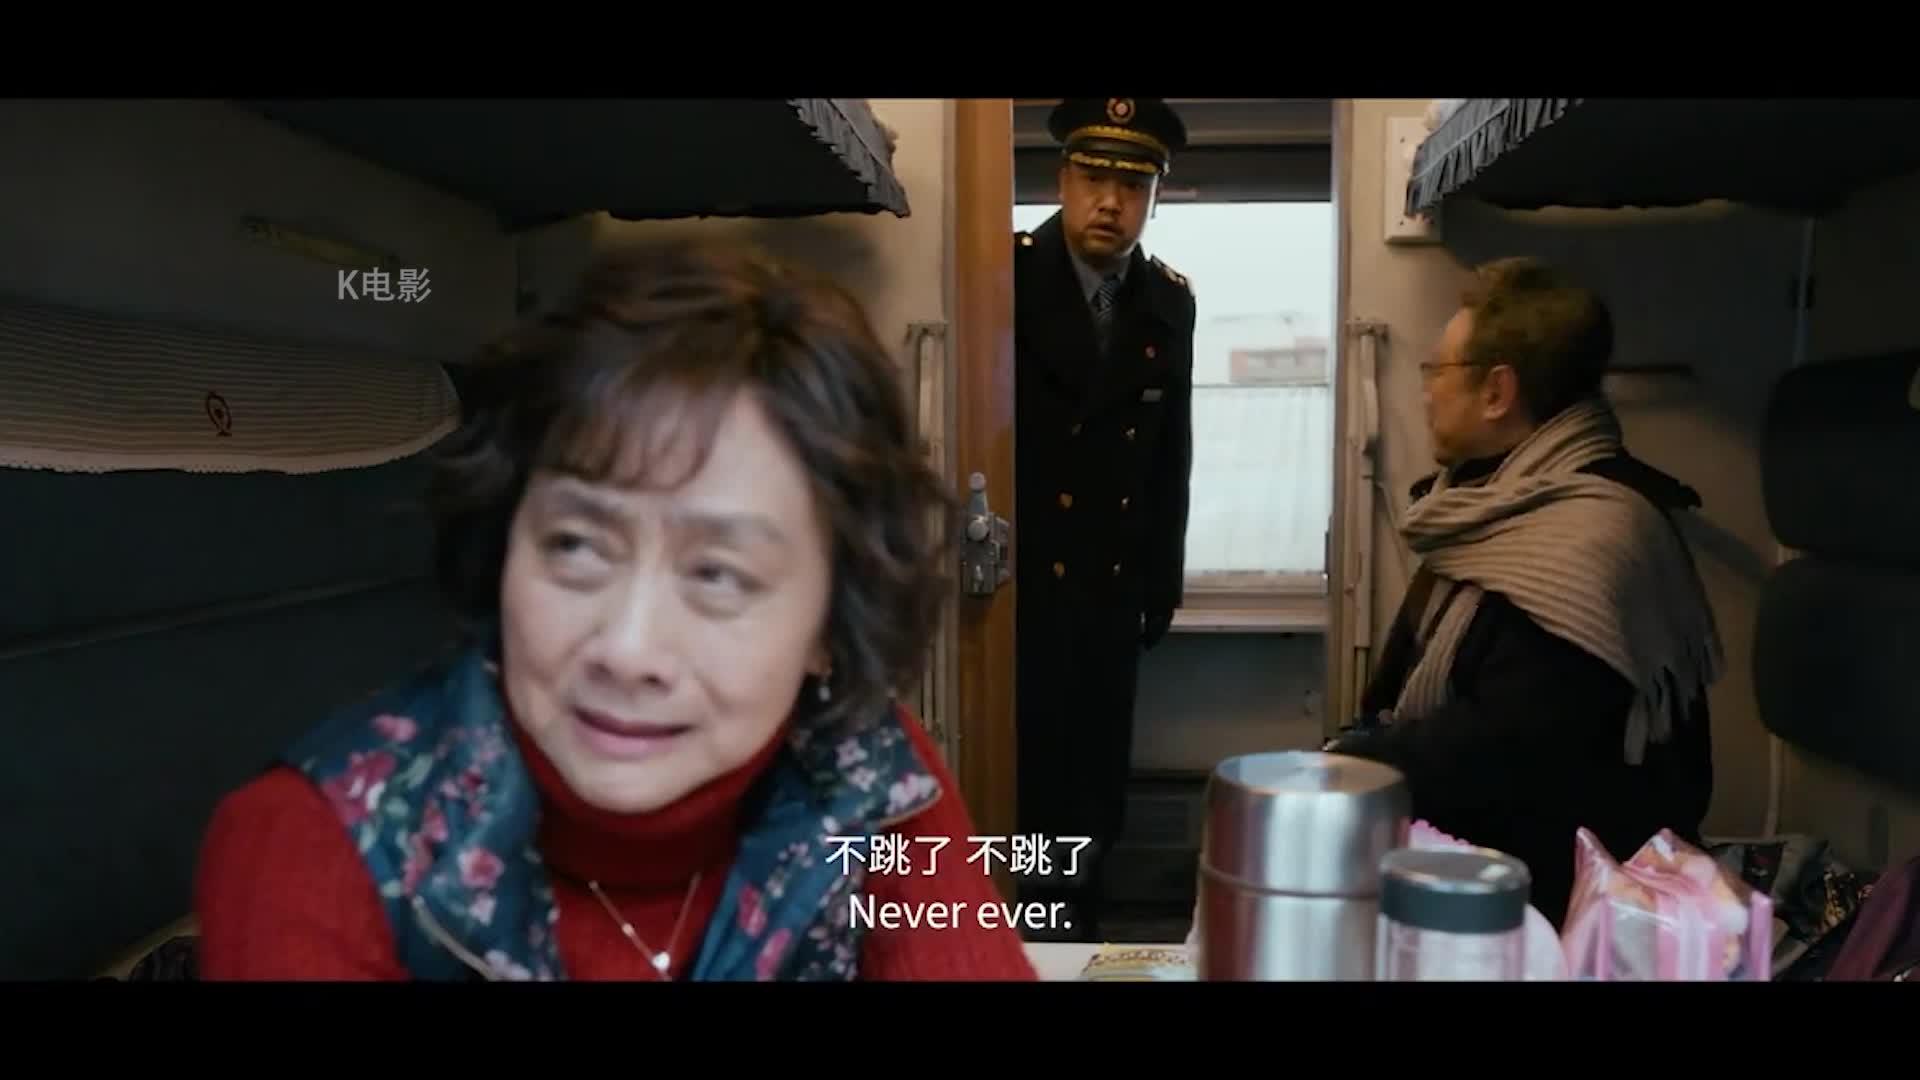 #电影迷的修养#【囧妈】这列车长能承包我一年的笑点!__01